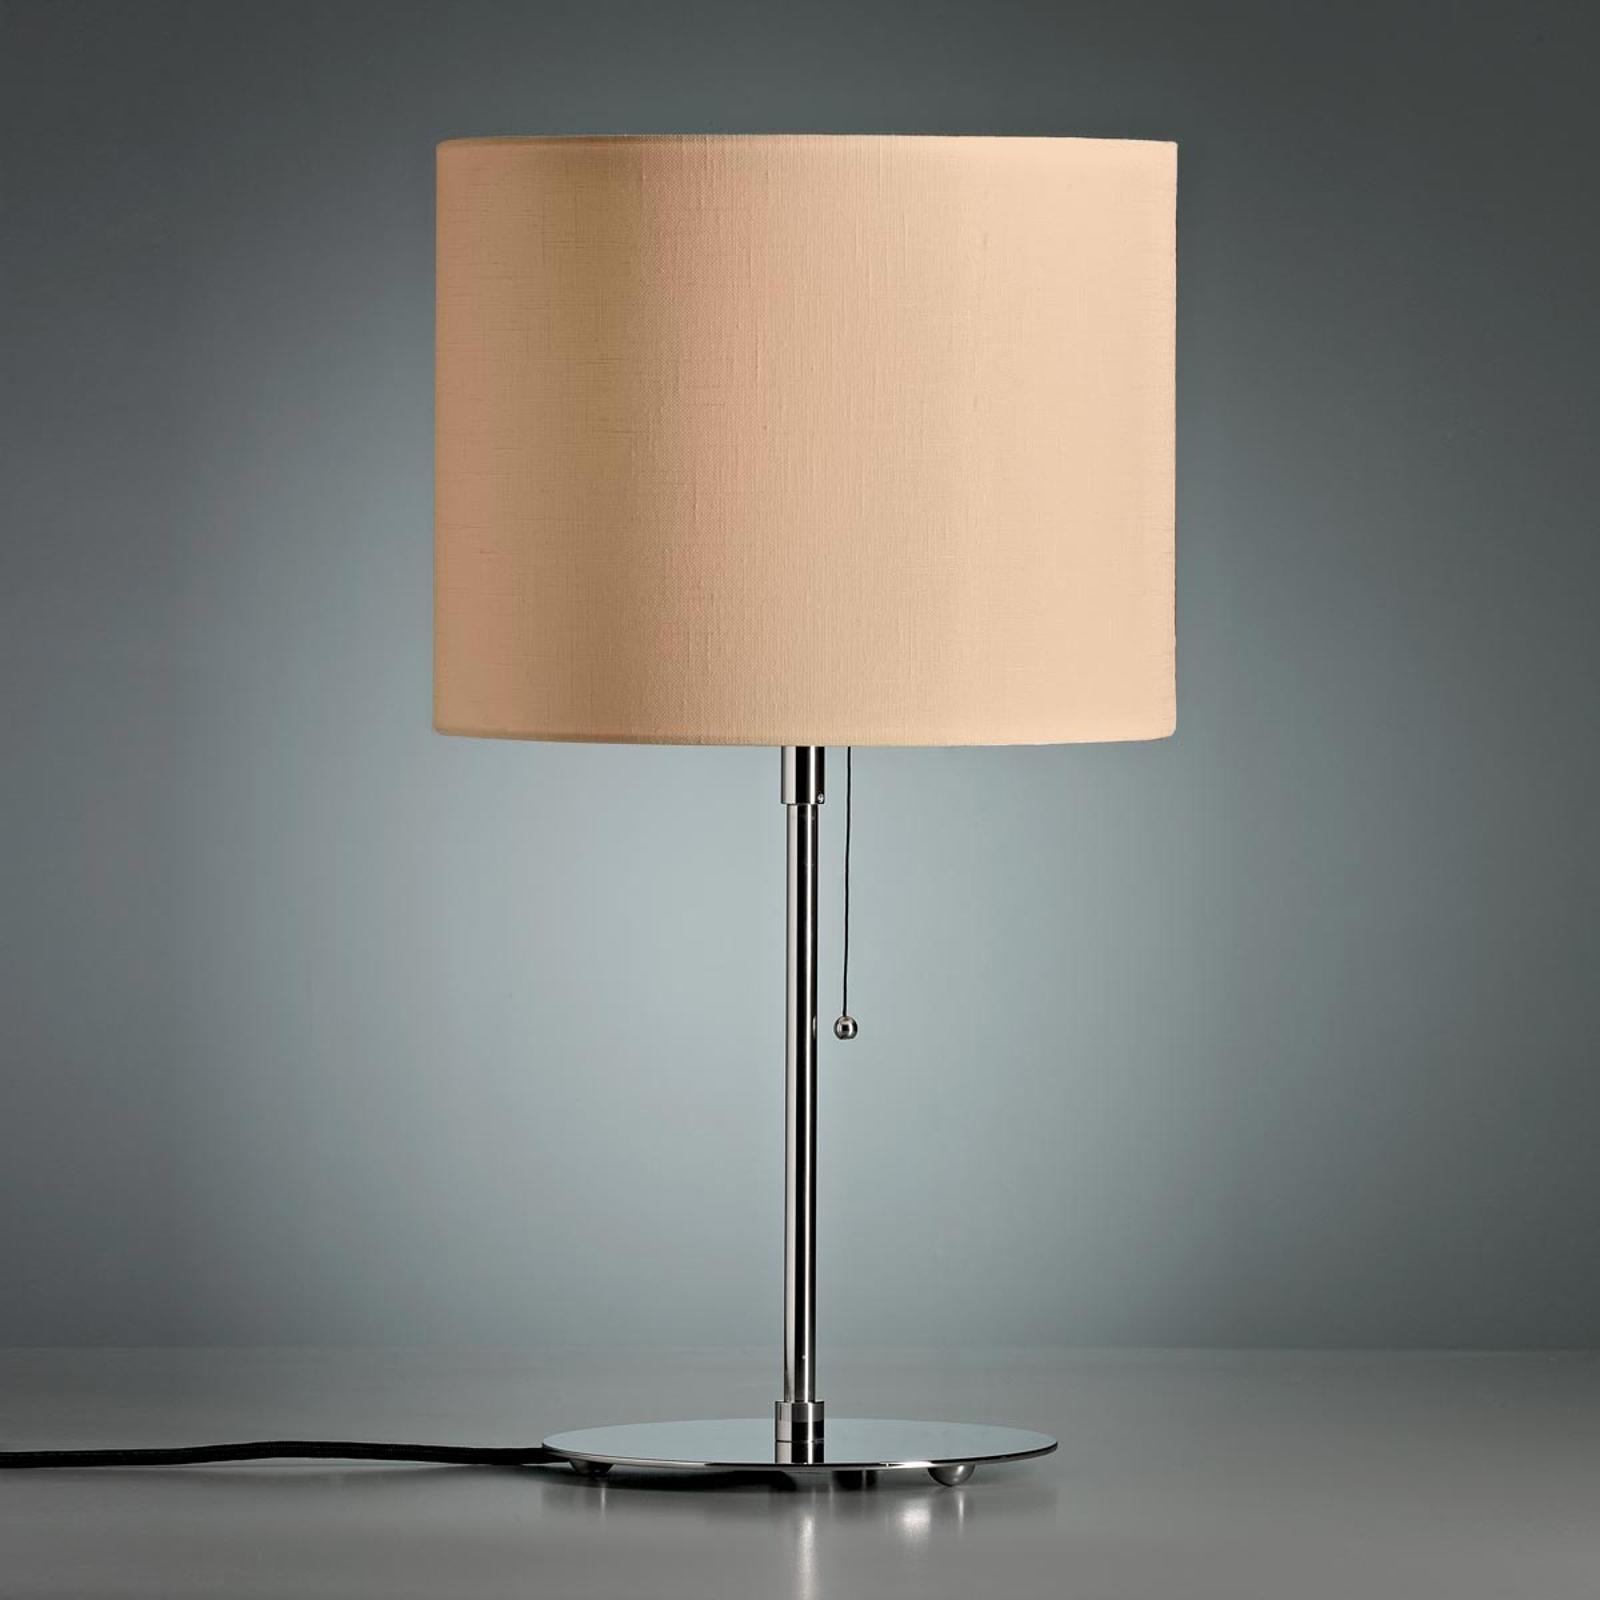 Tafellamp met gekleurde linnen kap, naturel